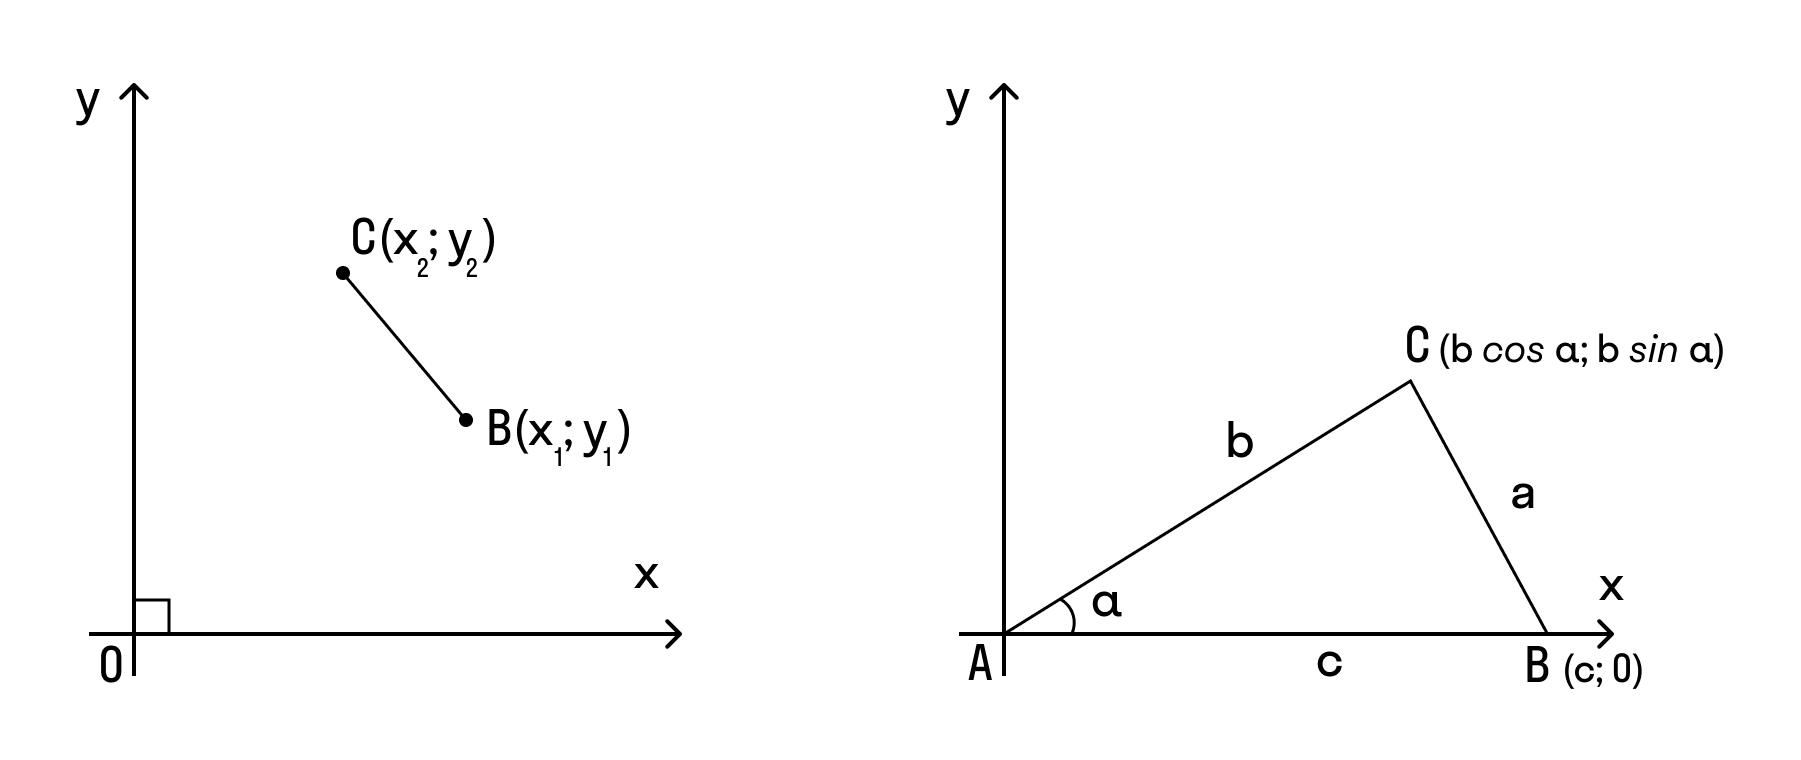 доказательстве теоремы косинусов